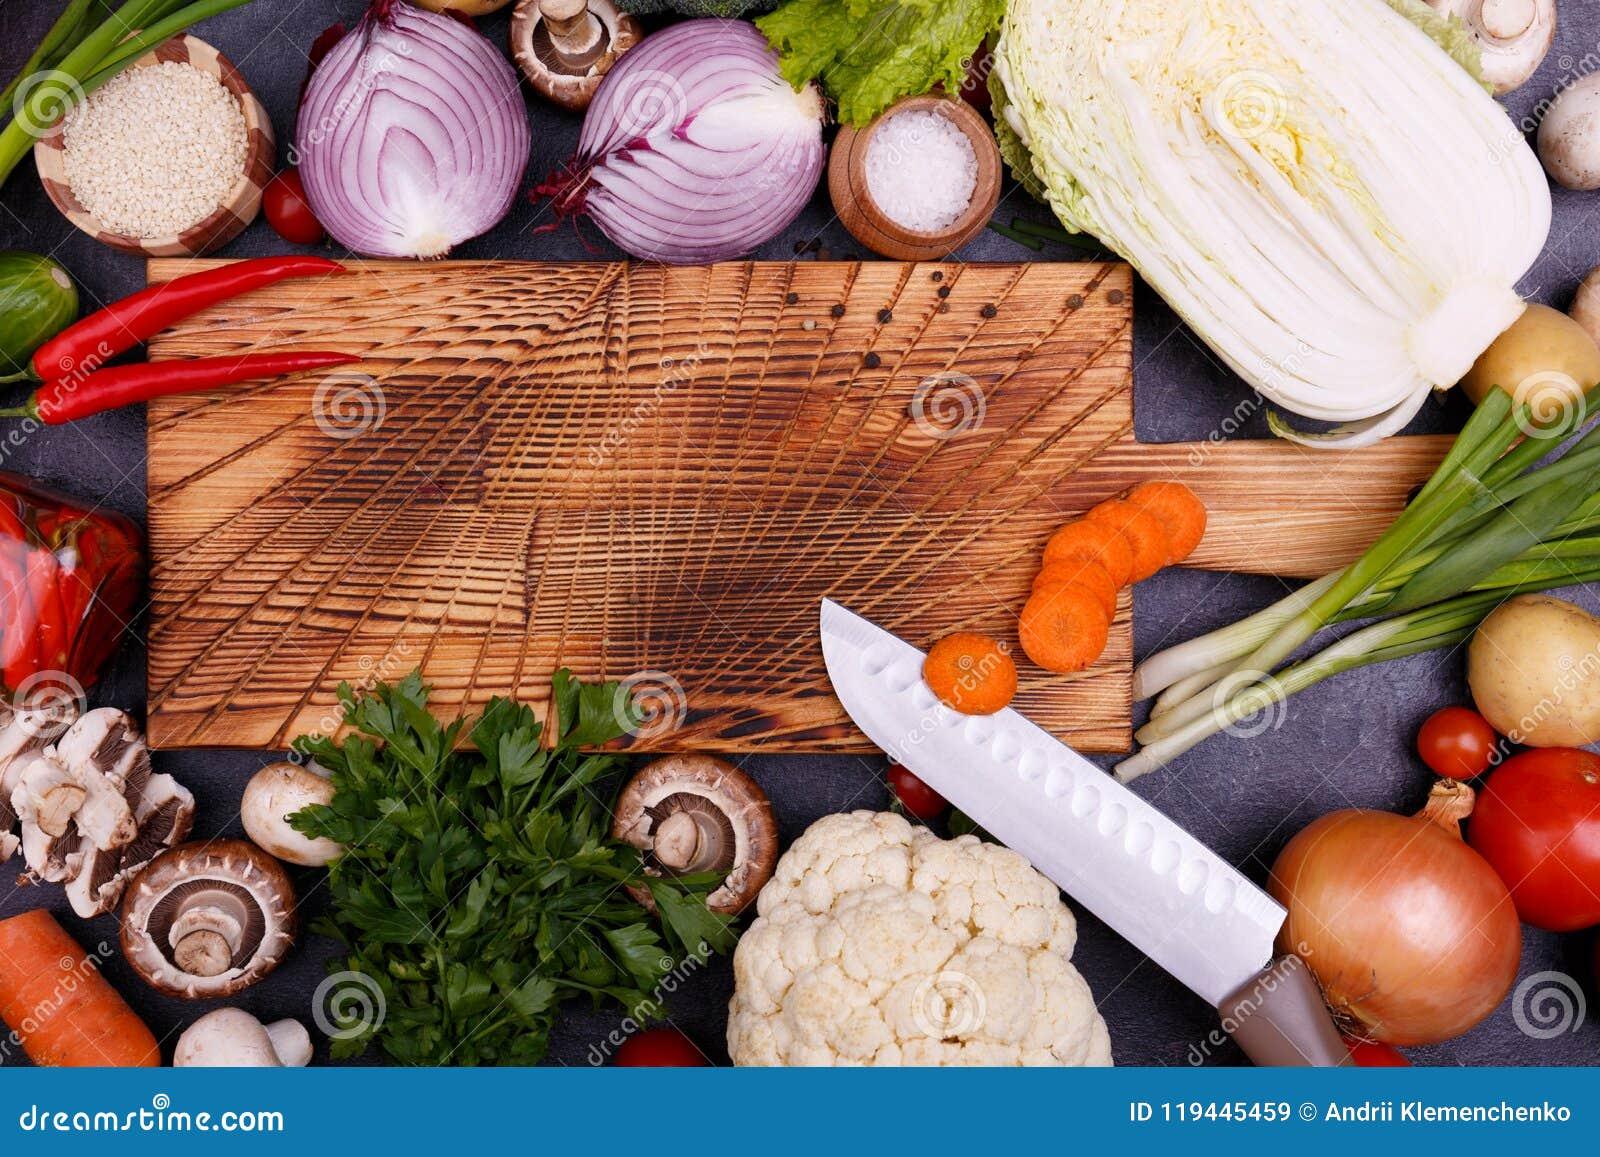 菜和种子在木板